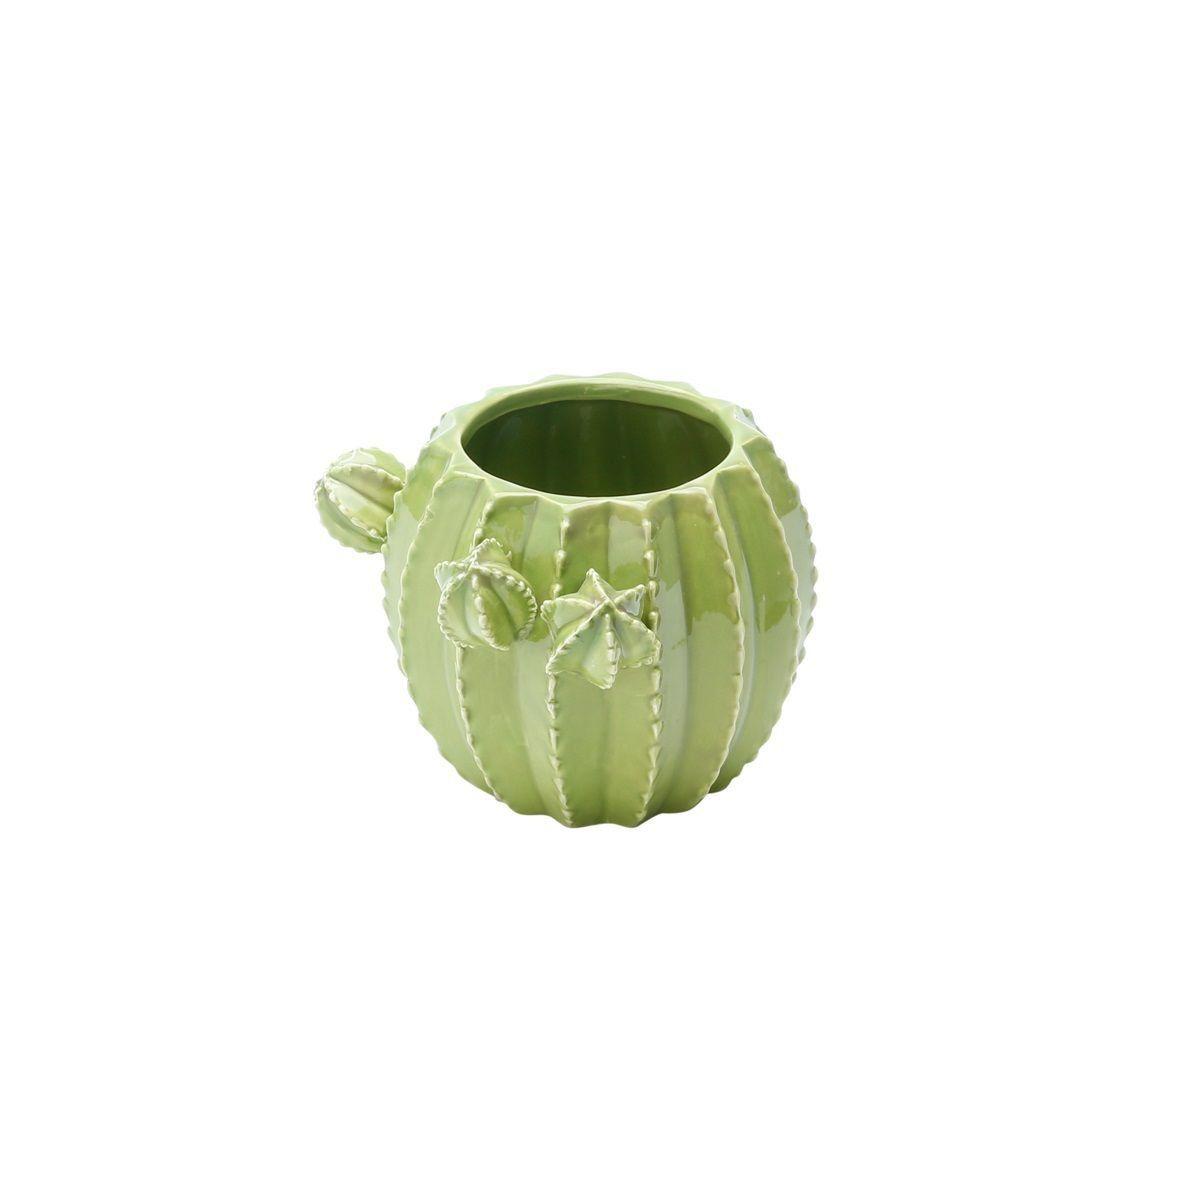 Vaso decorativo 13 cm de cerâmica verde Cactos Prestige - 25666